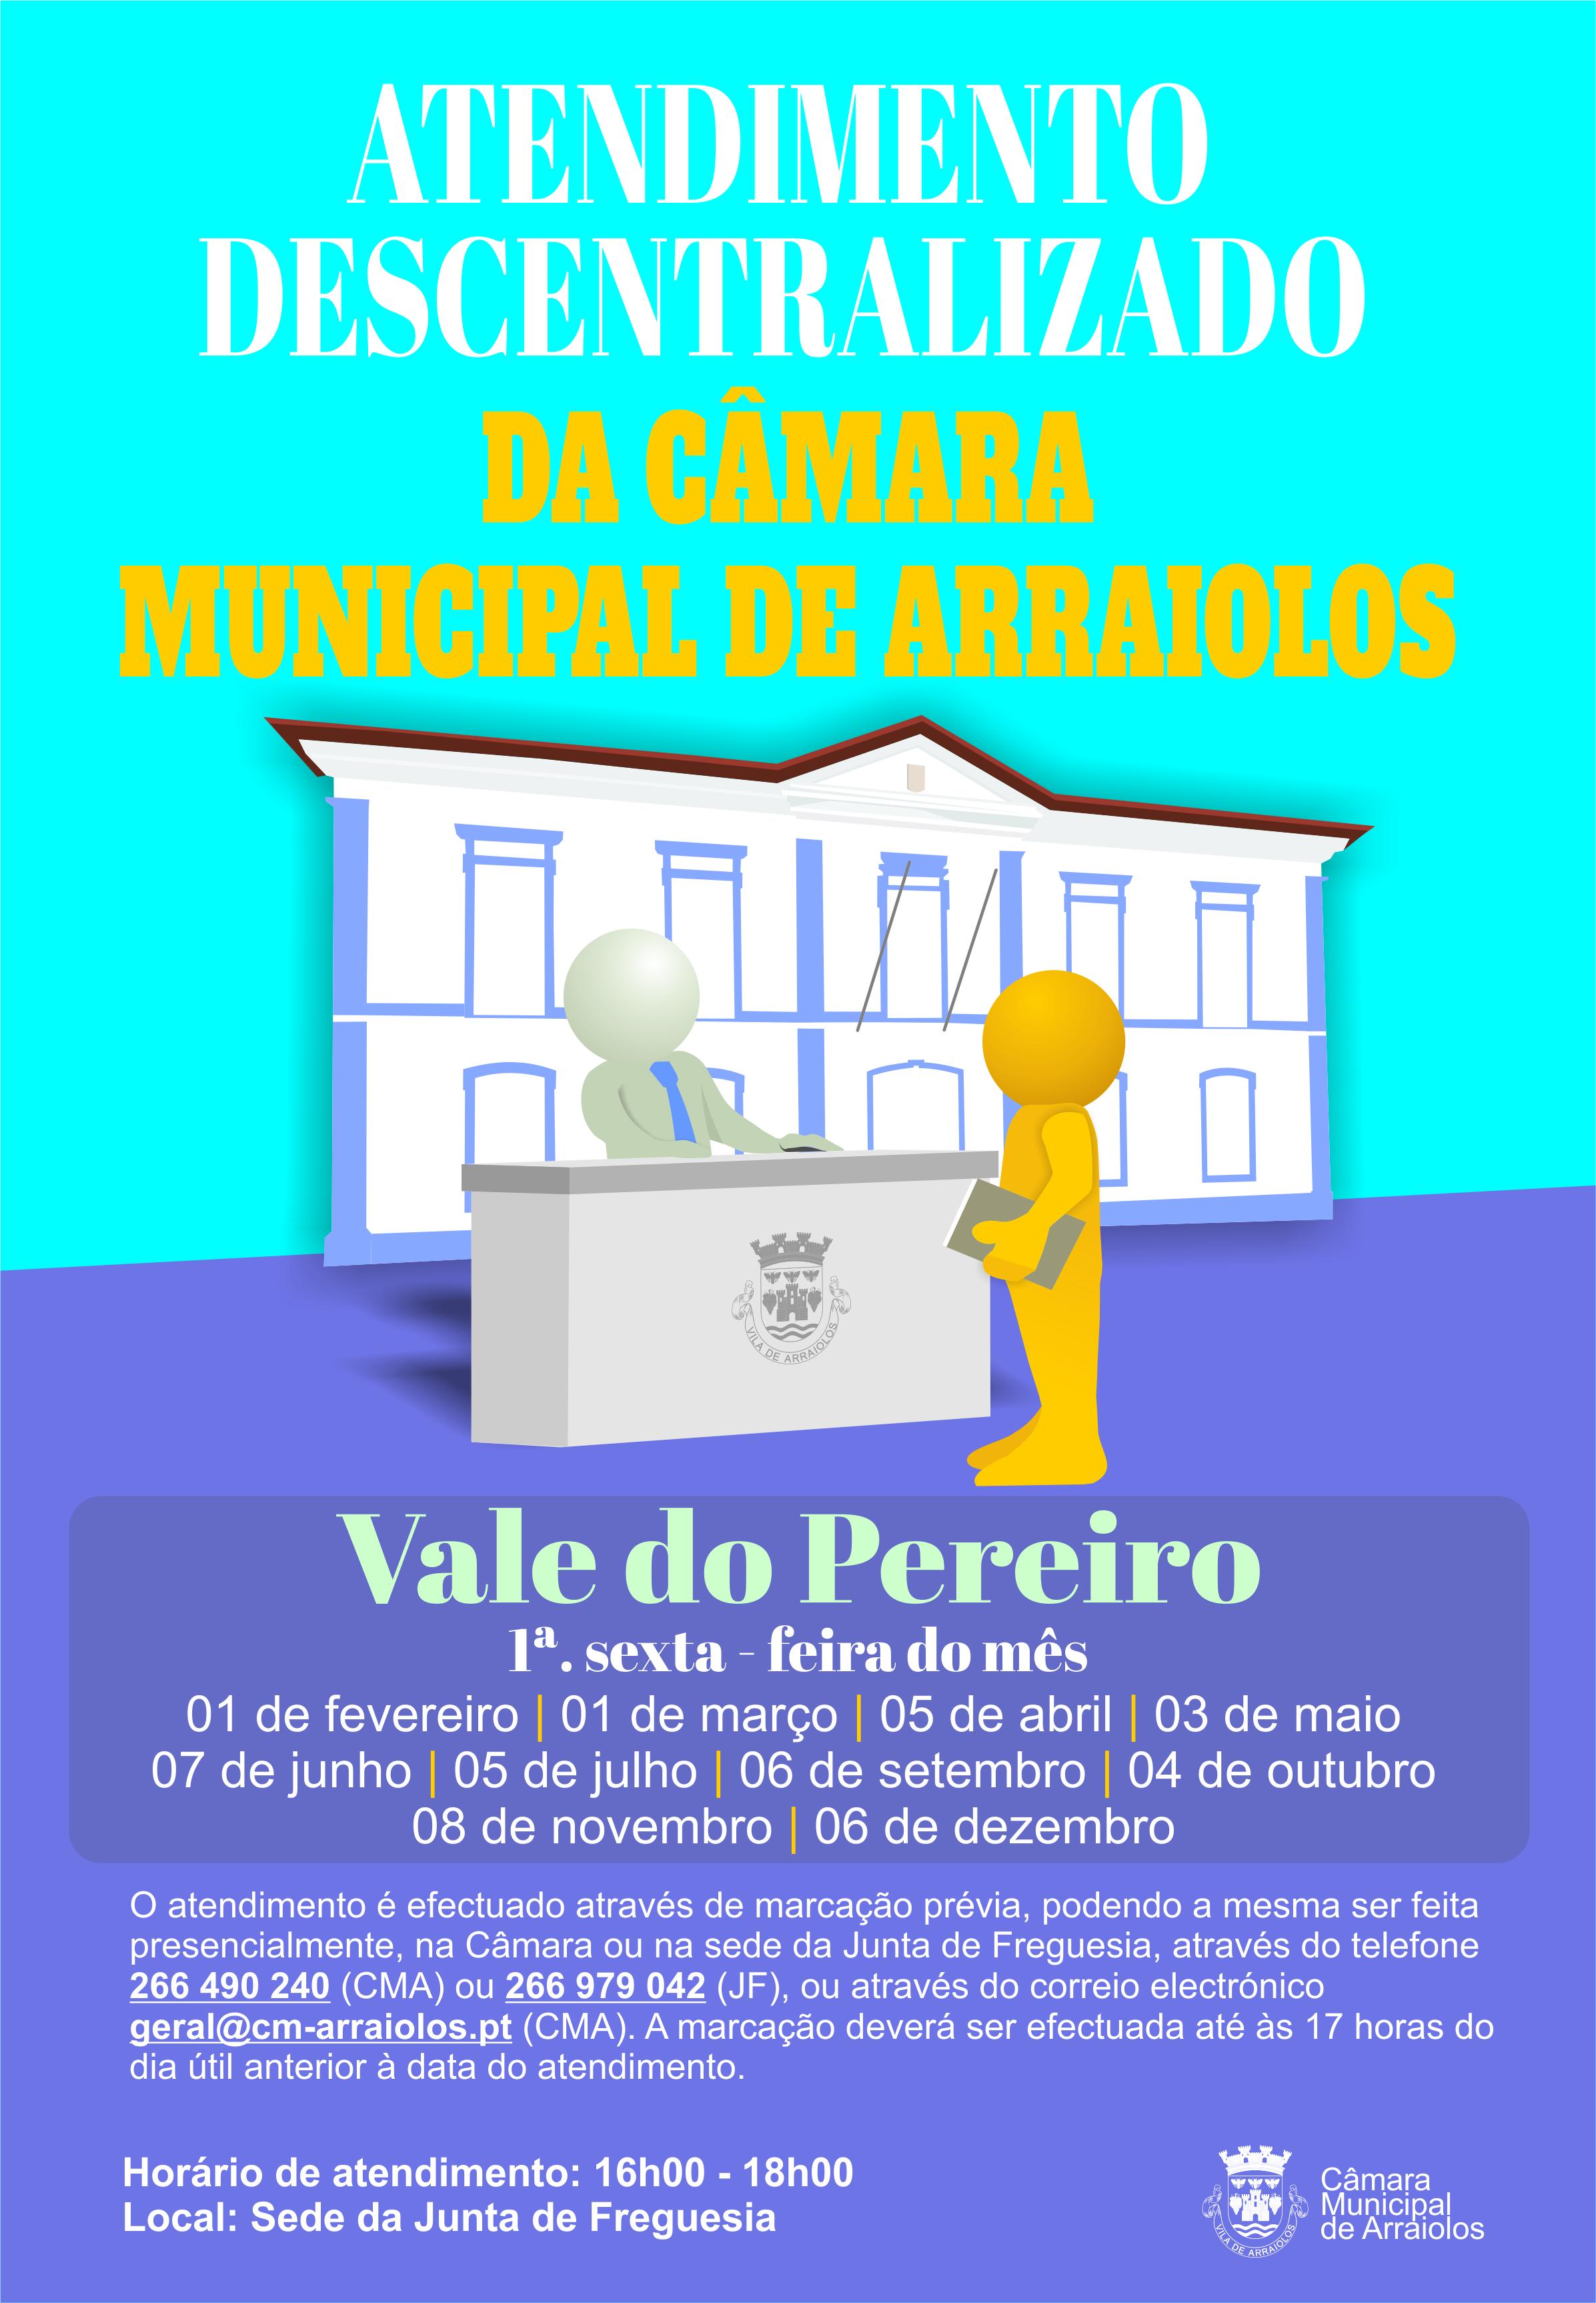 Atendimento Descentralizado 2019 V Pereiro.jpg